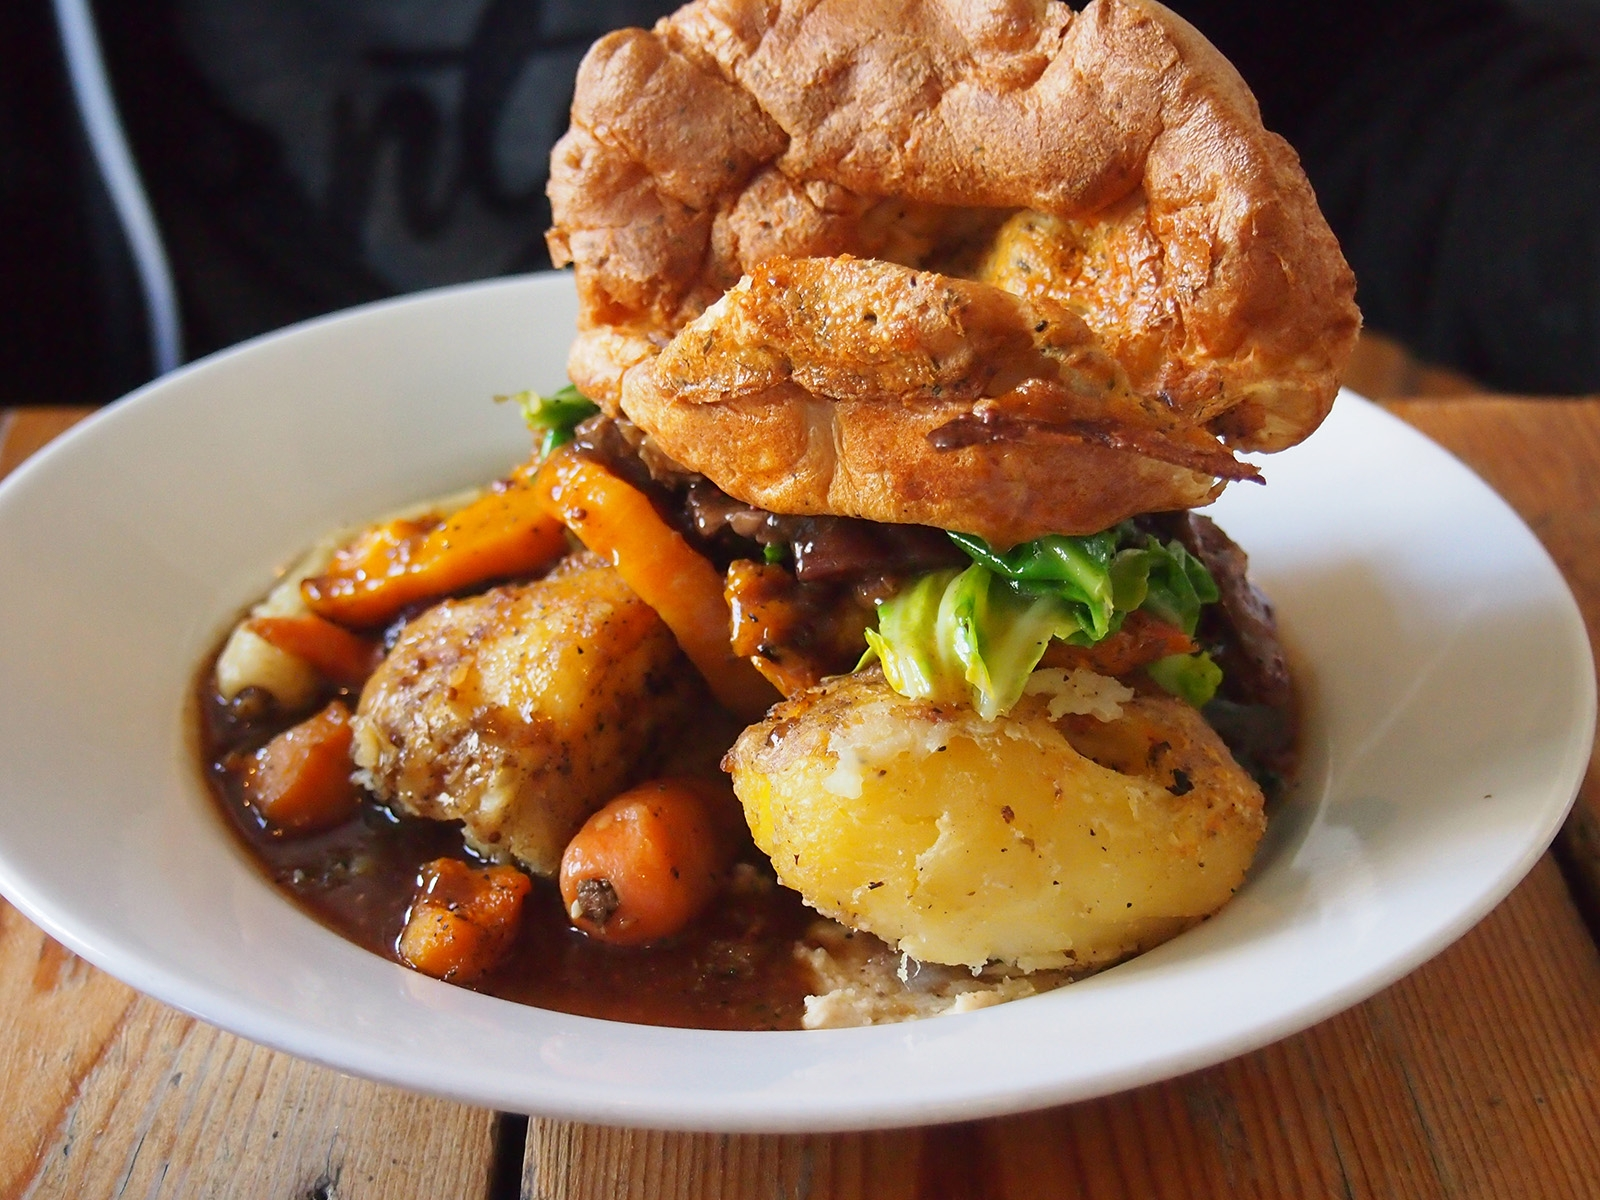 Tradiční Sunday roast s Yorkshire pudink, což je vlastně svítek